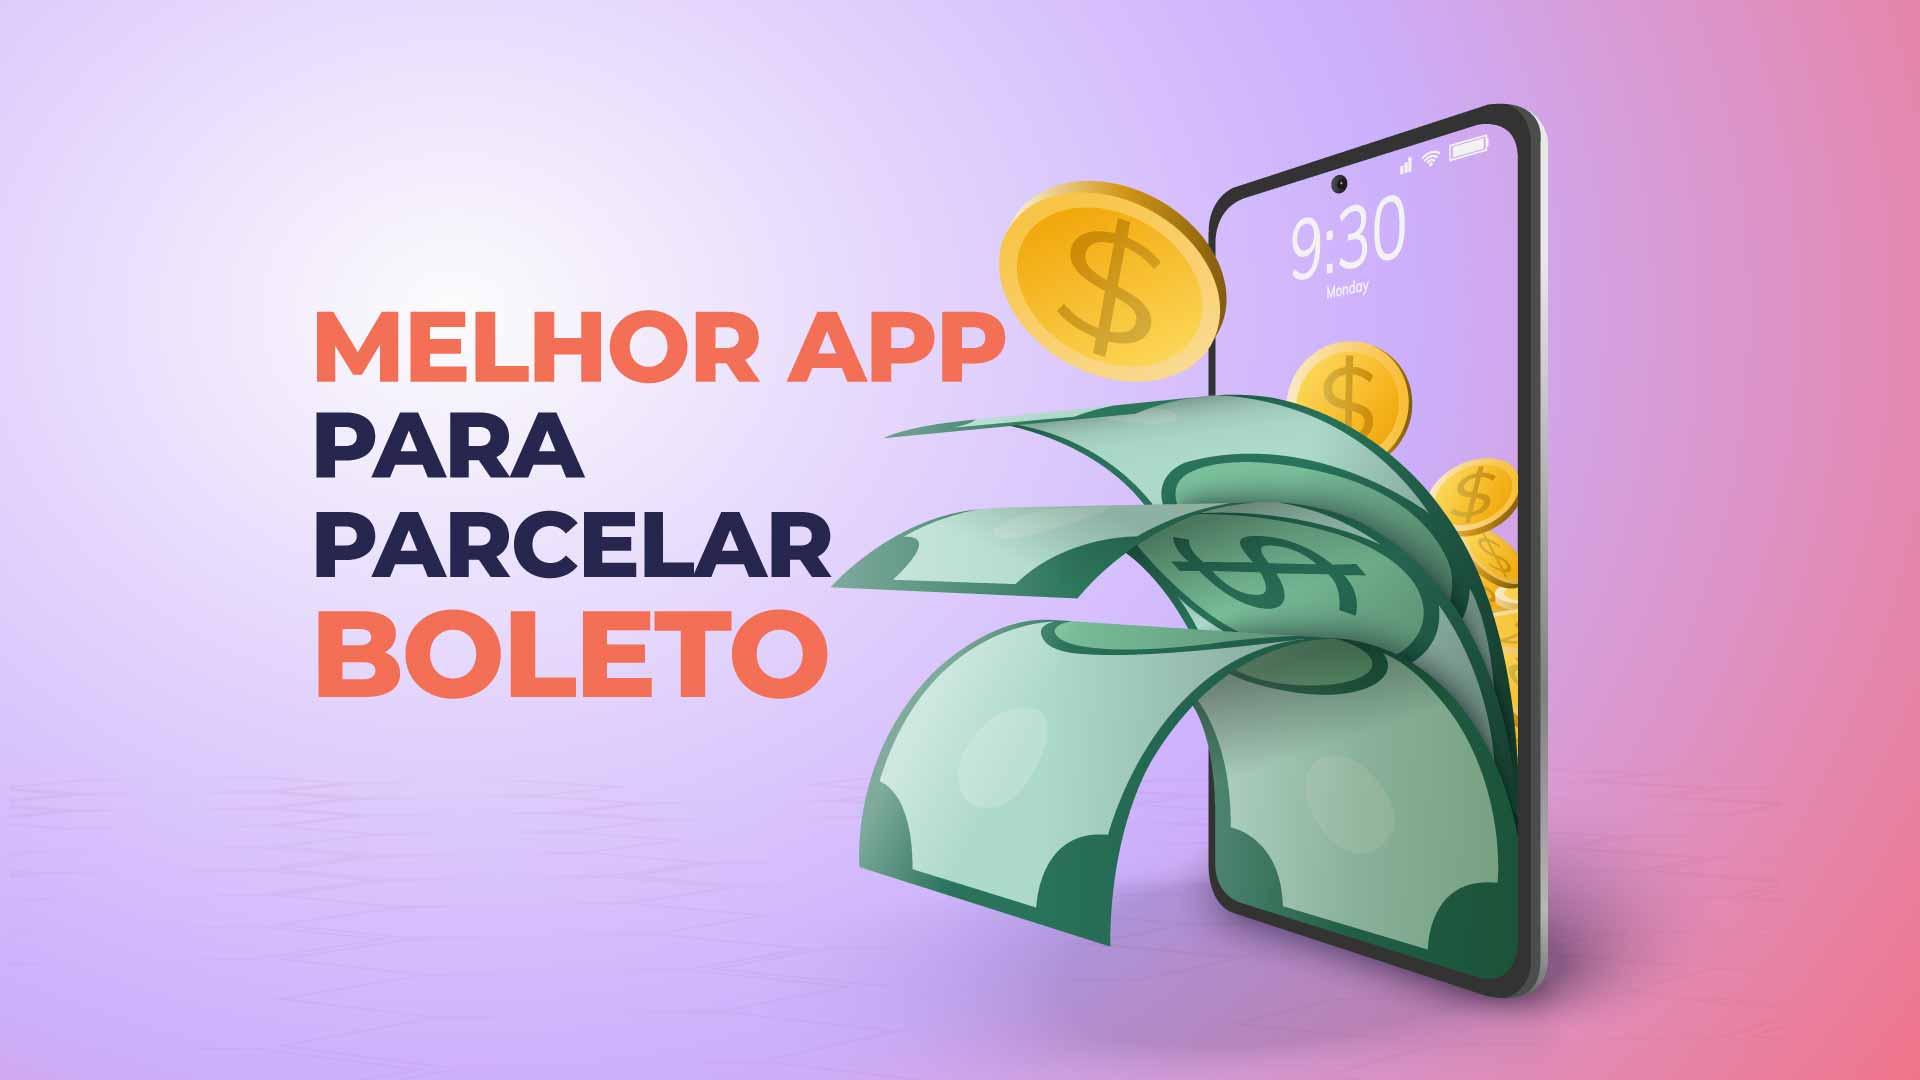 aplicativo para parcelar no boleto